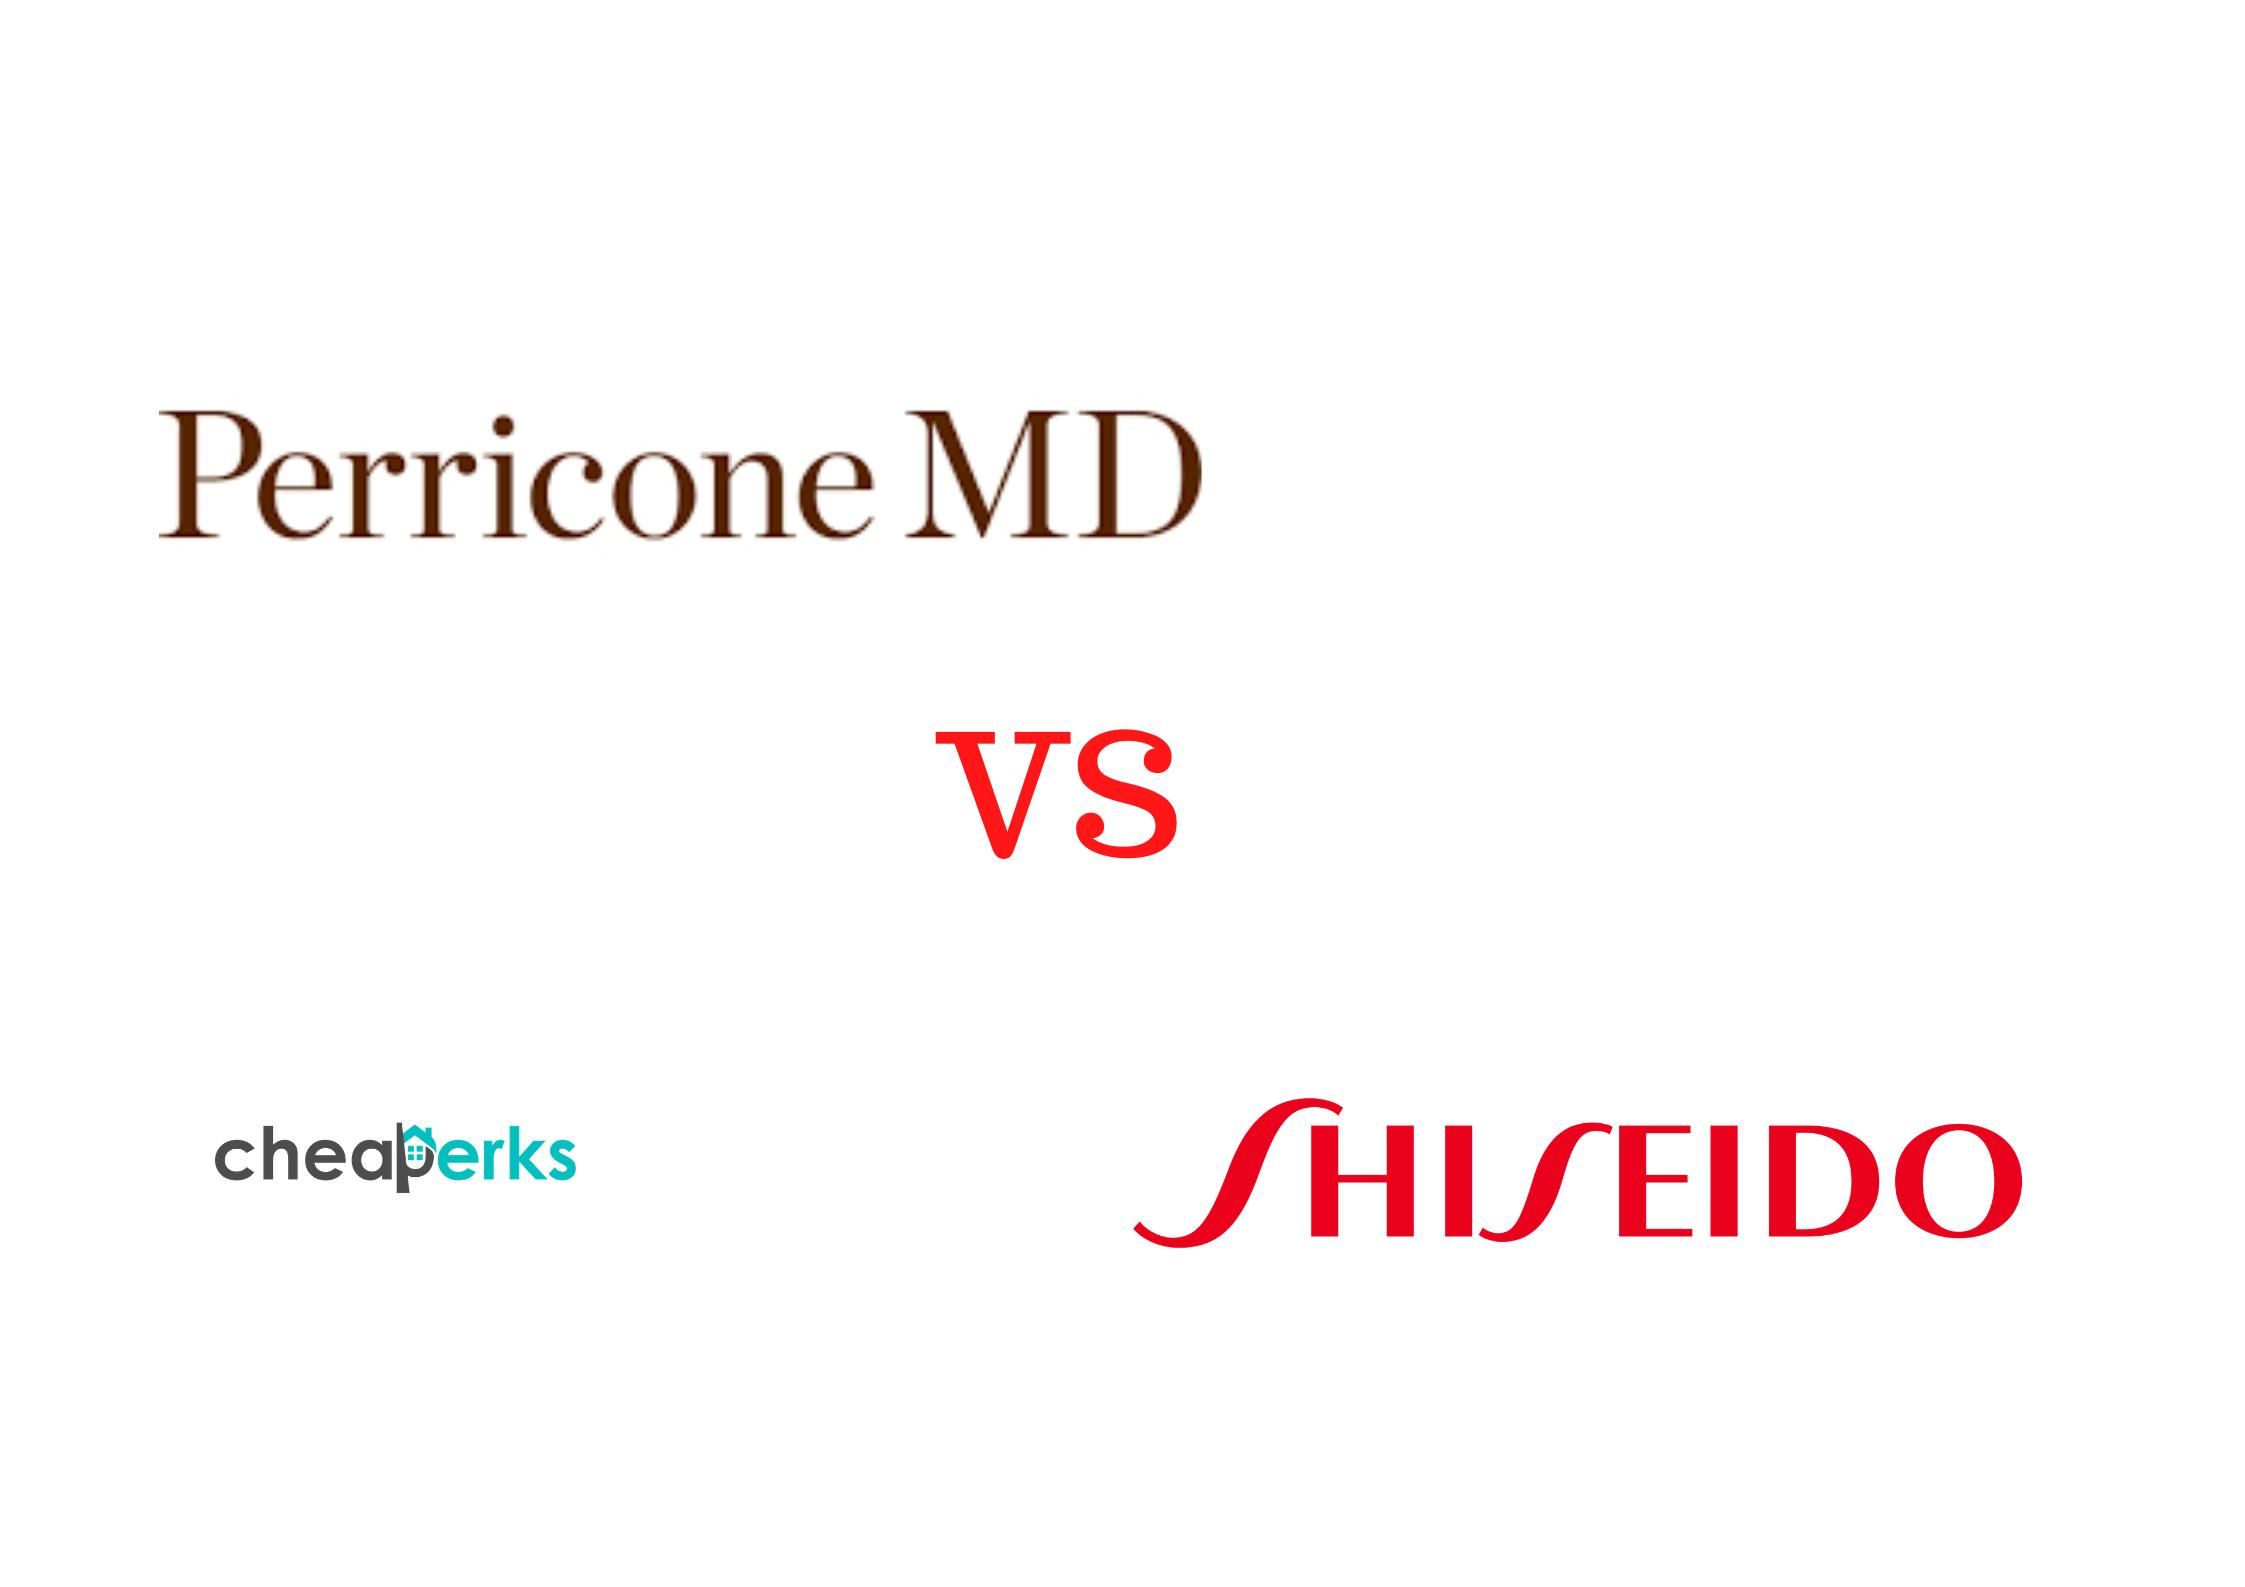 Perricone MD VS Shiseido